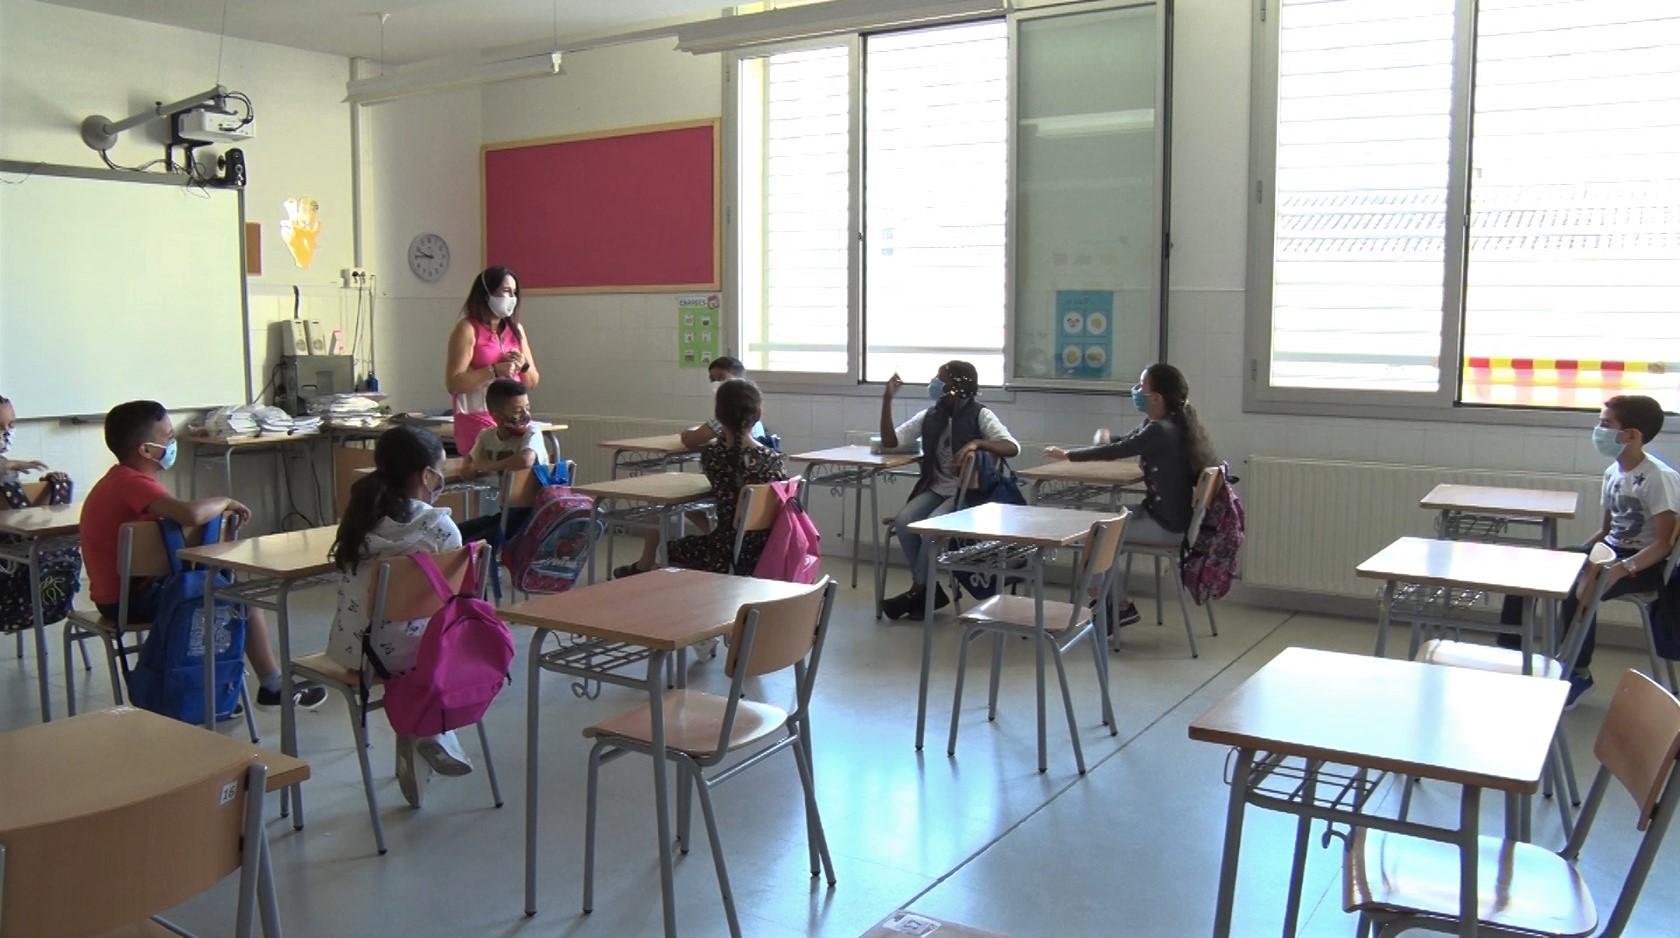 Preocupació per l'absentisme escolar del col·lectiu gitano